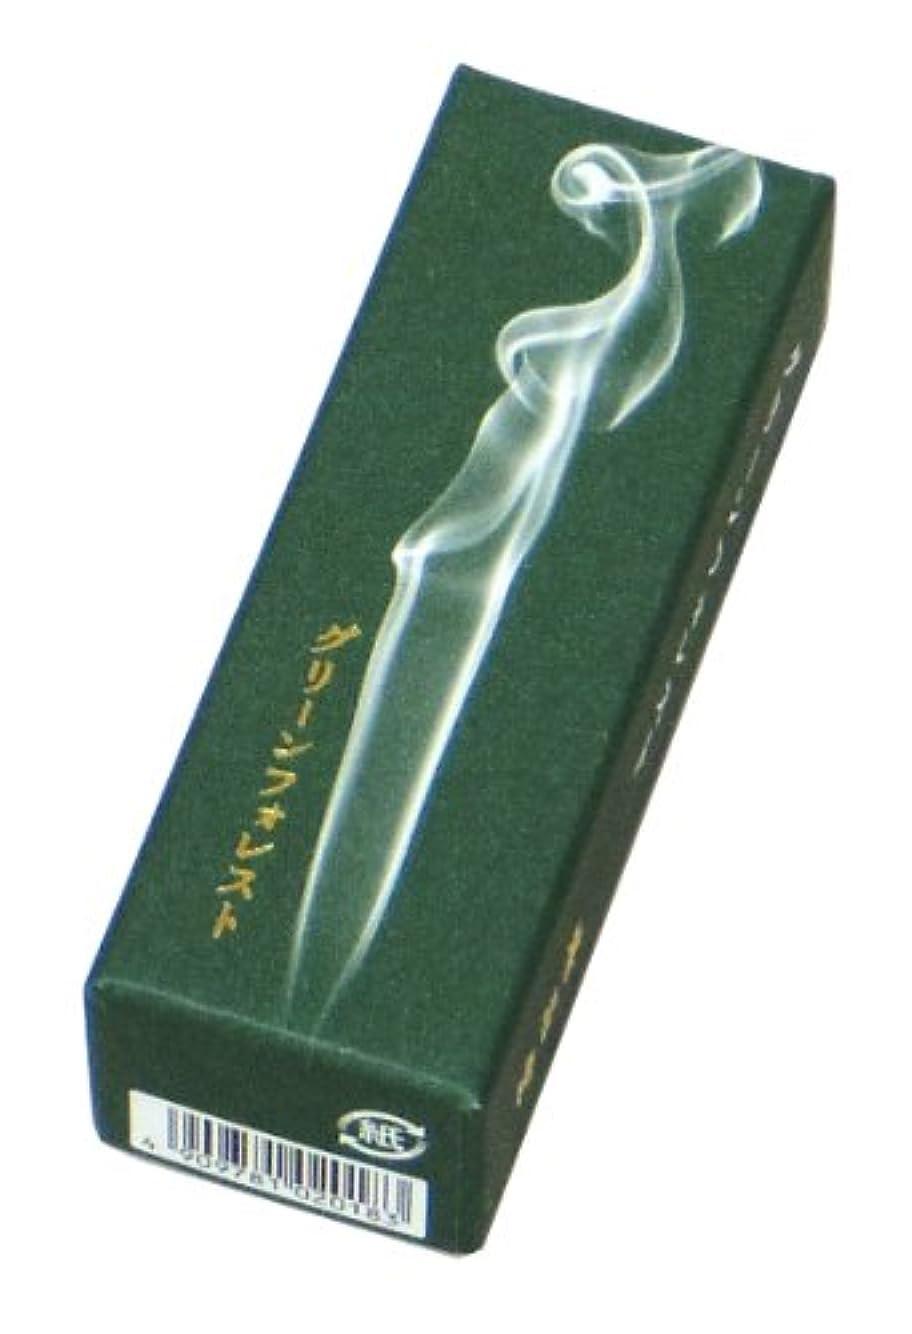 感情交通難民鳩居堂のお香 香水の香り グリーンフォレスト 20本入 6cm